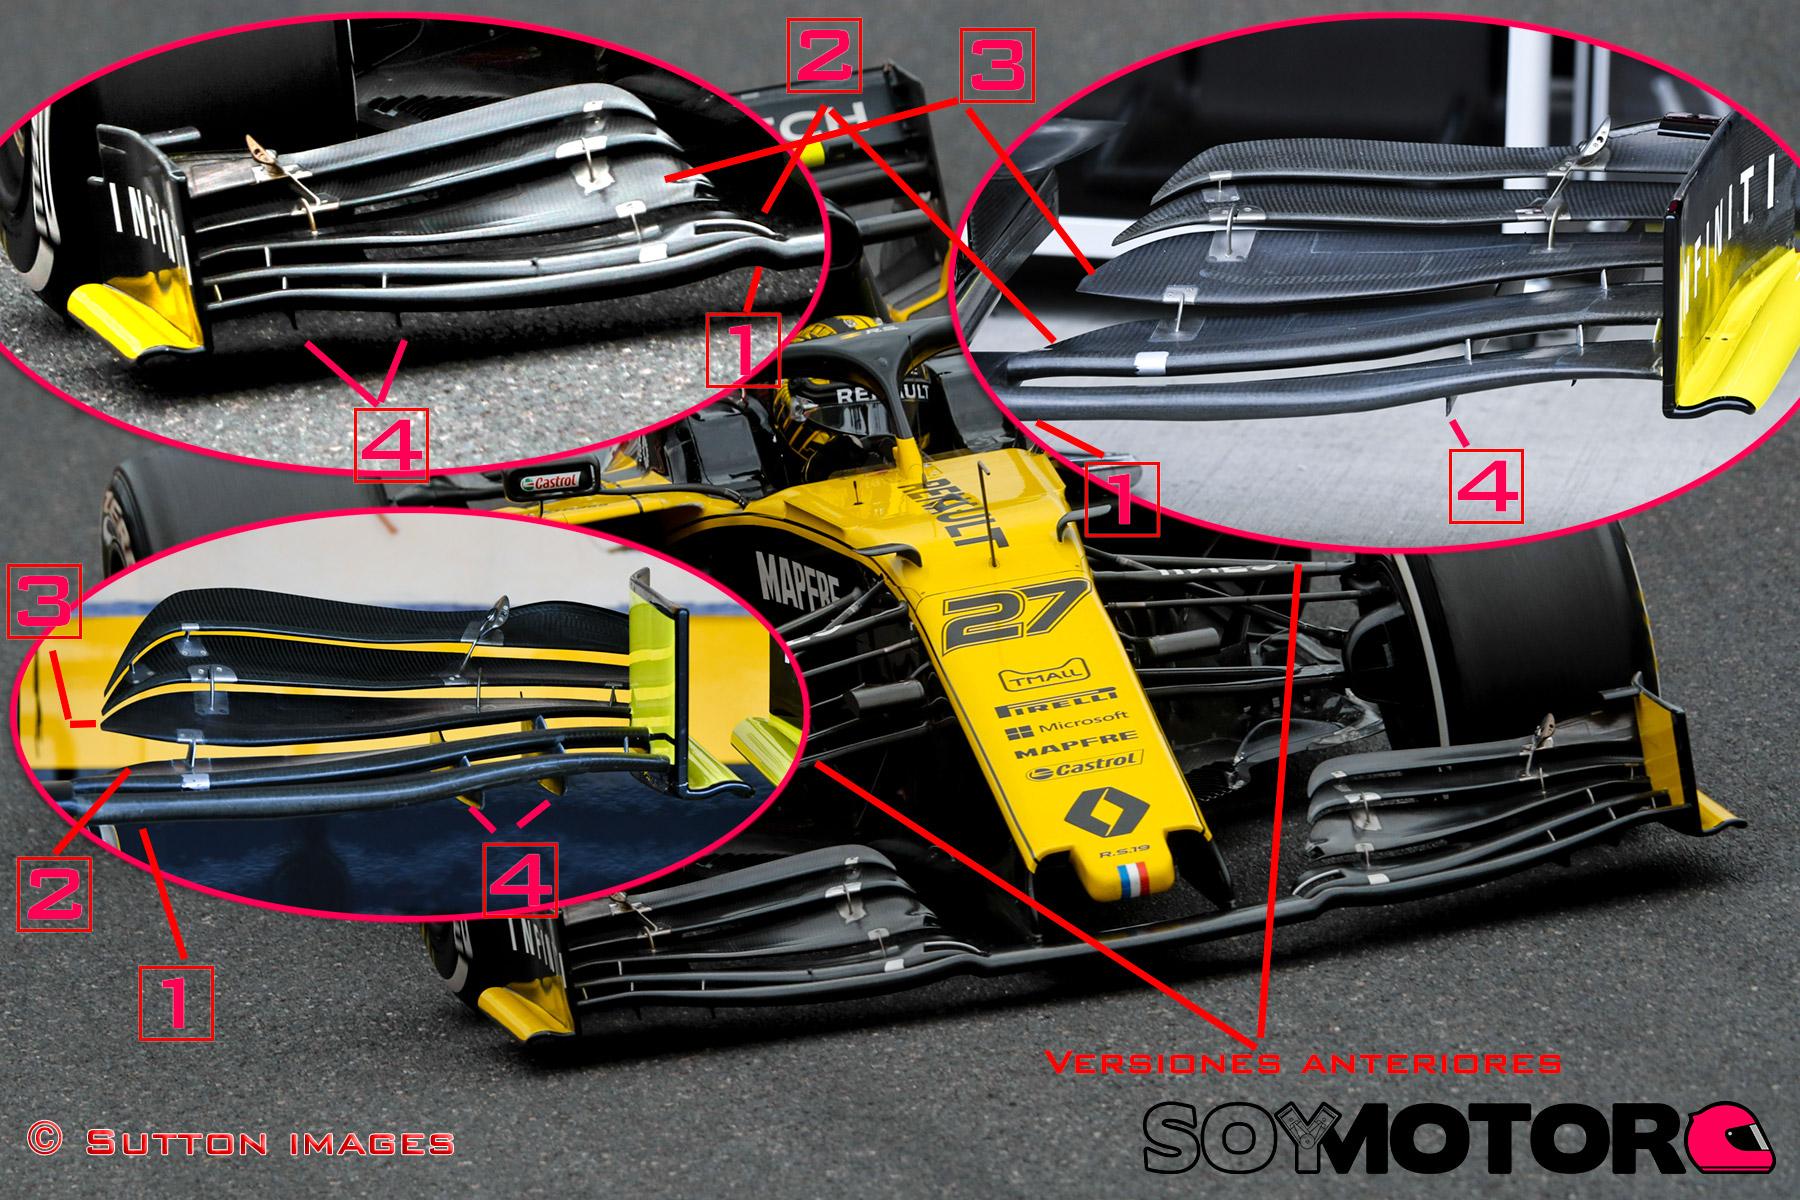 renault-nueva-ala-delantera-soymotor.jpg